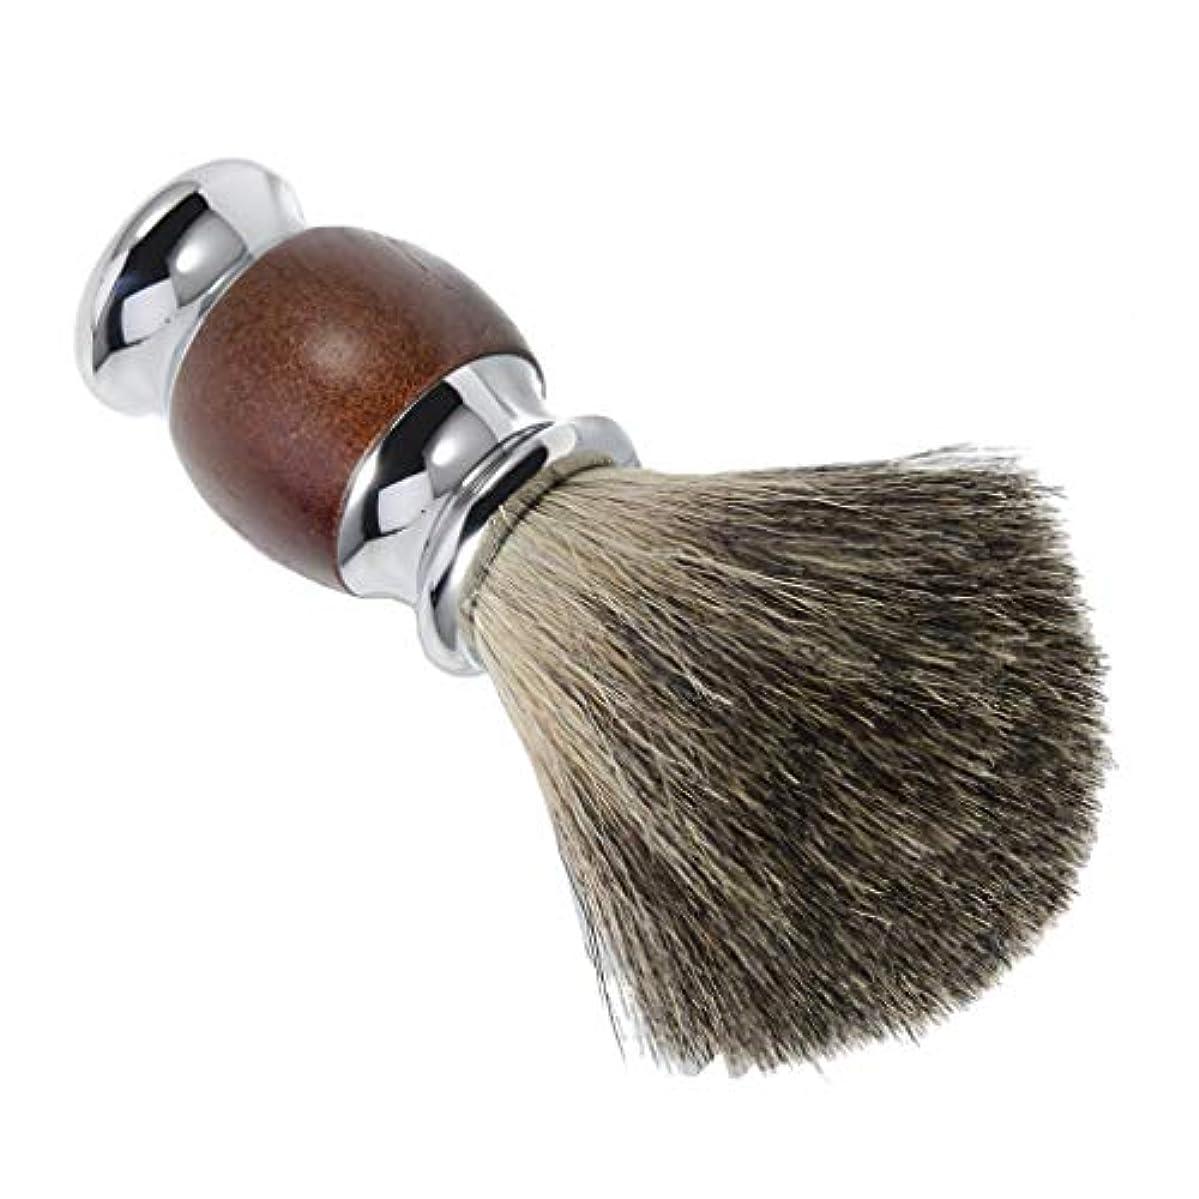 トランスペアレント壁紙のためHellery メンズ シェービングブラシ 木製ハンドル サロン 髭剃りツール 理容 洗顔 プレゼント